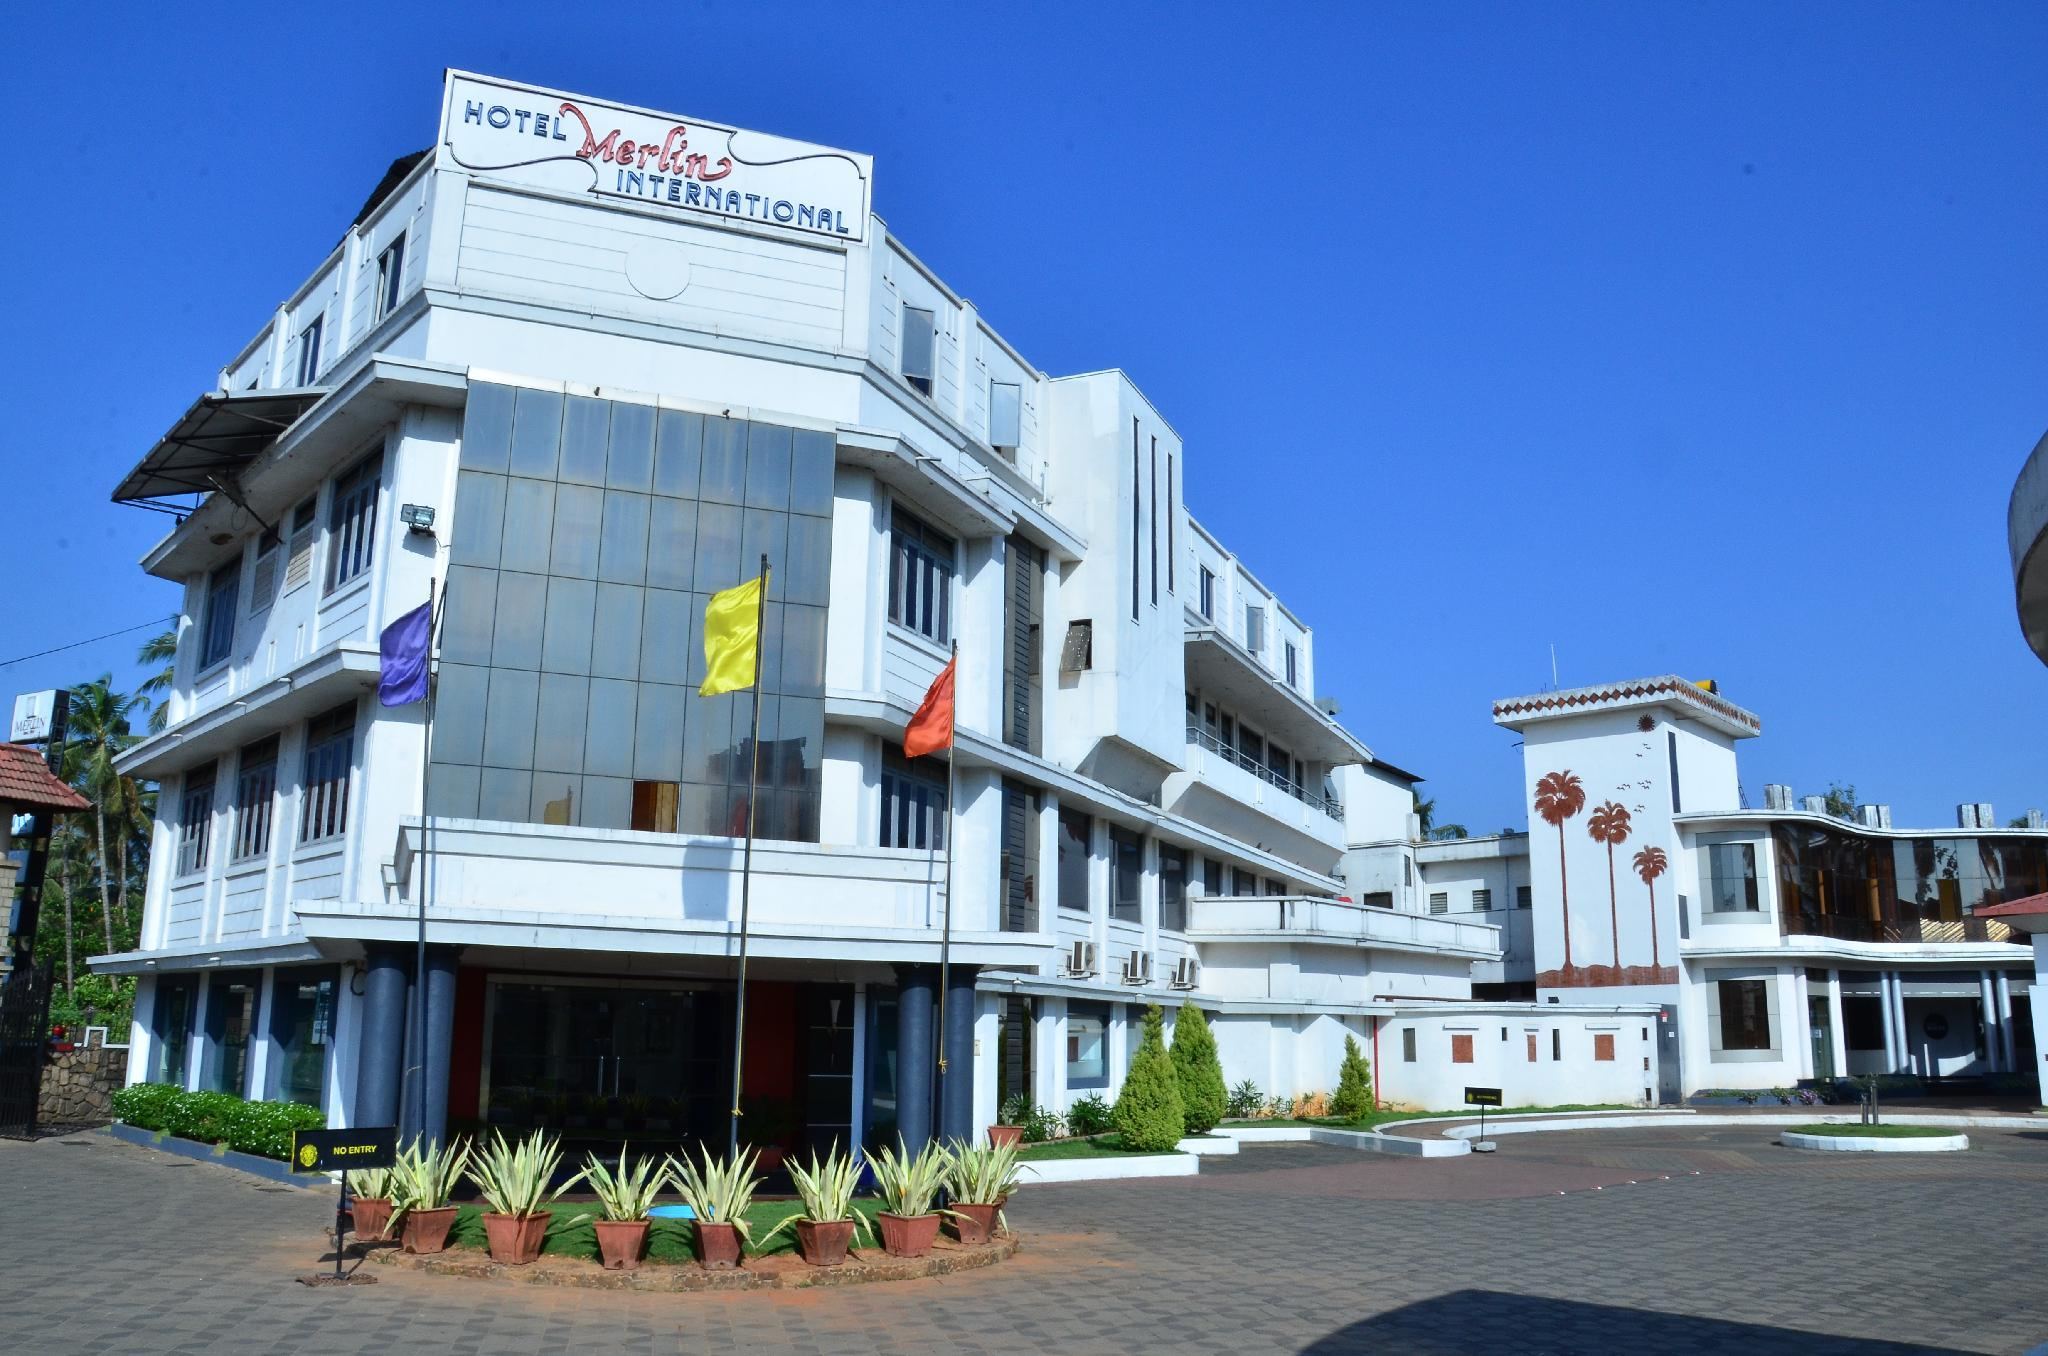 Hotel Merlin International, Thrissur